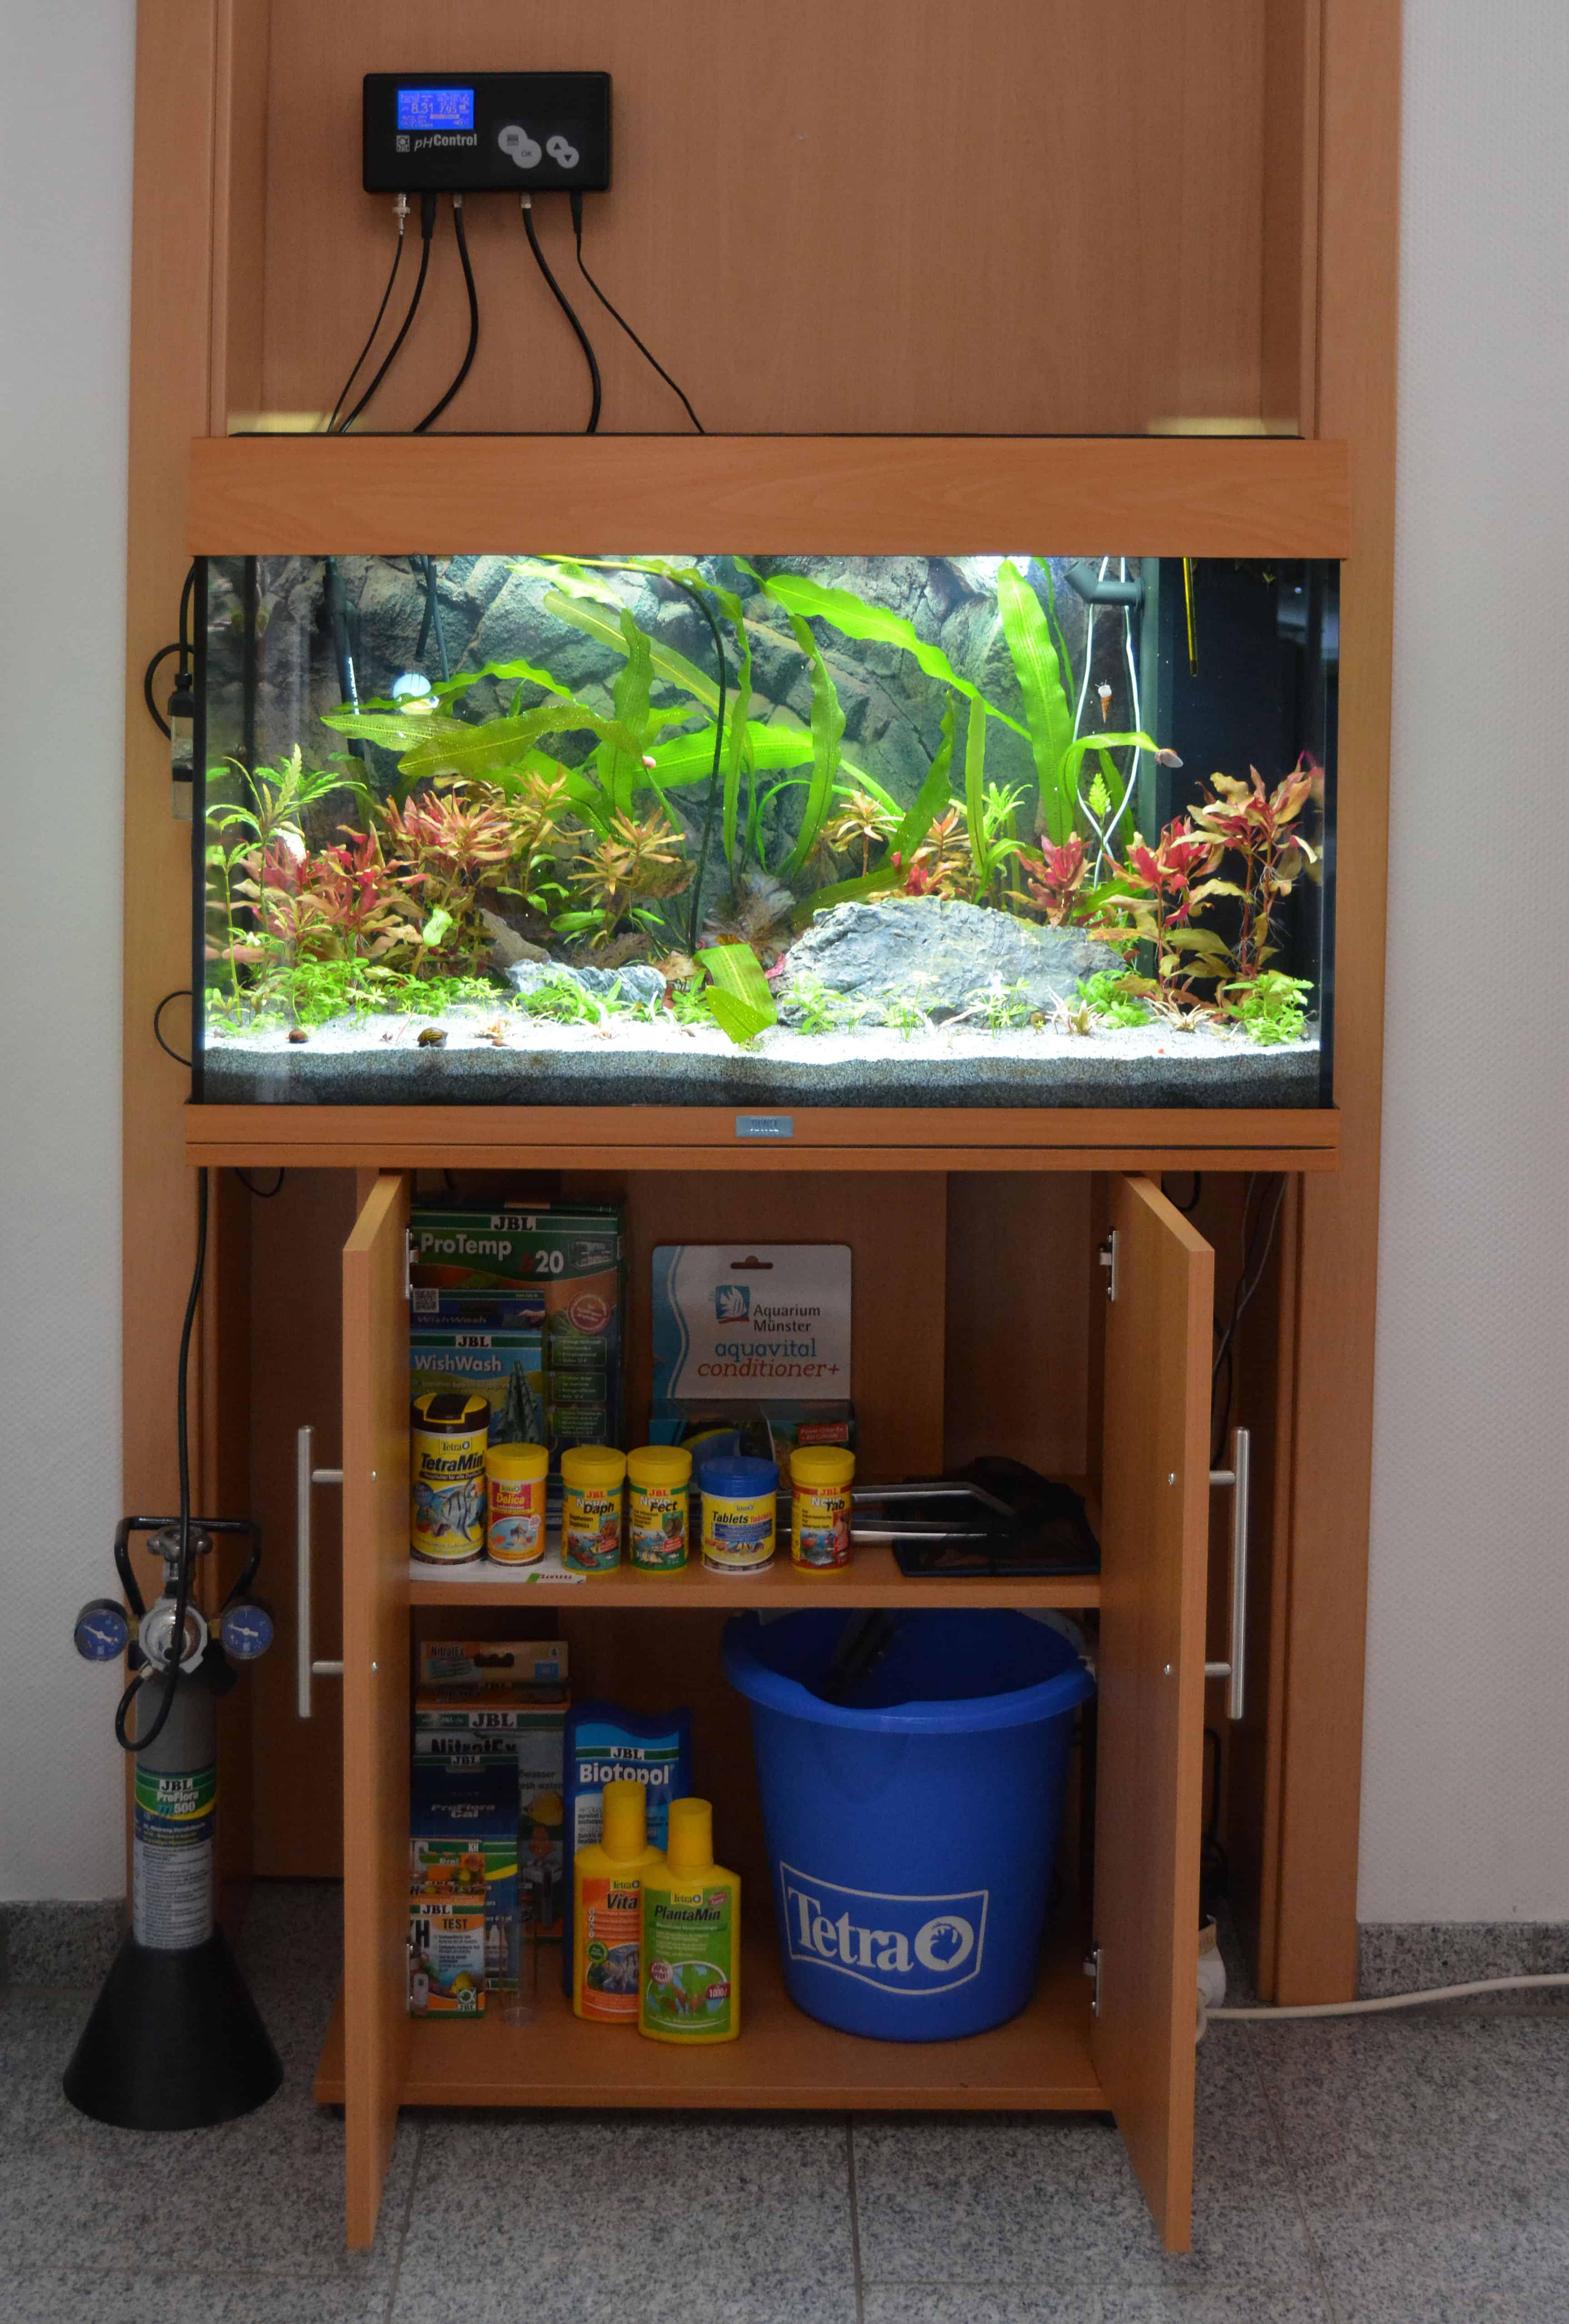 Das Aquarium Einrichten: Schritt Für Schritt Erklärt - My-fish Wasserpflanzen Fur Aquarium Auswahlen Pflege